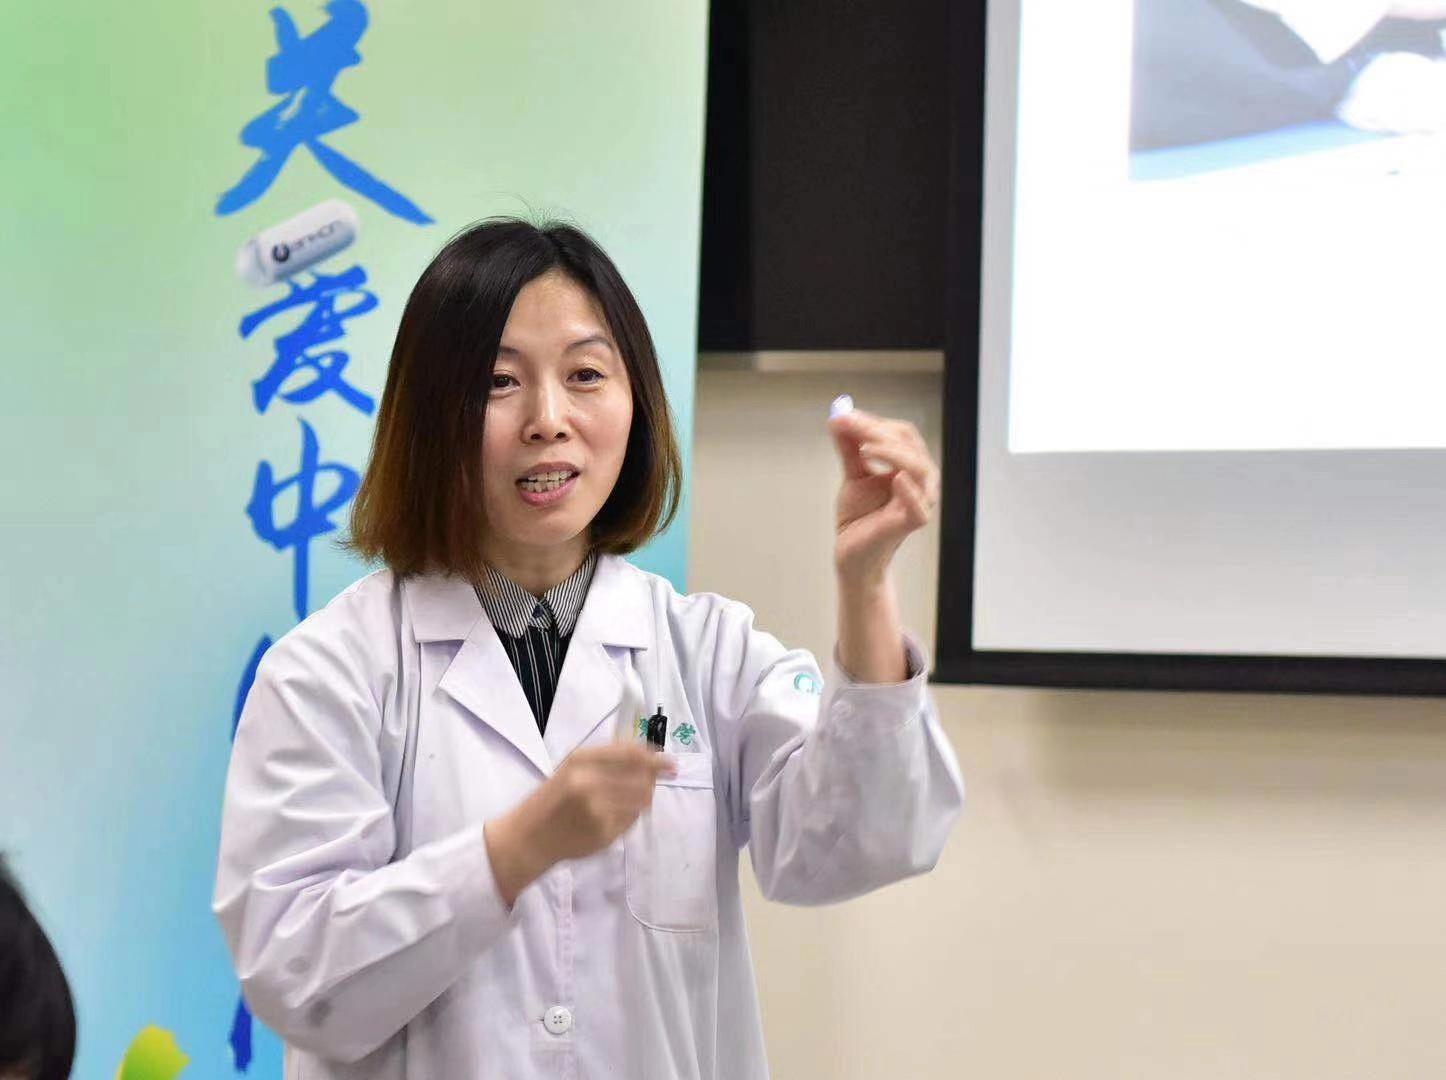 """全球超半数胃癌在中国,吞颗""""胶囊胃镜""""就能揪出早癌"""